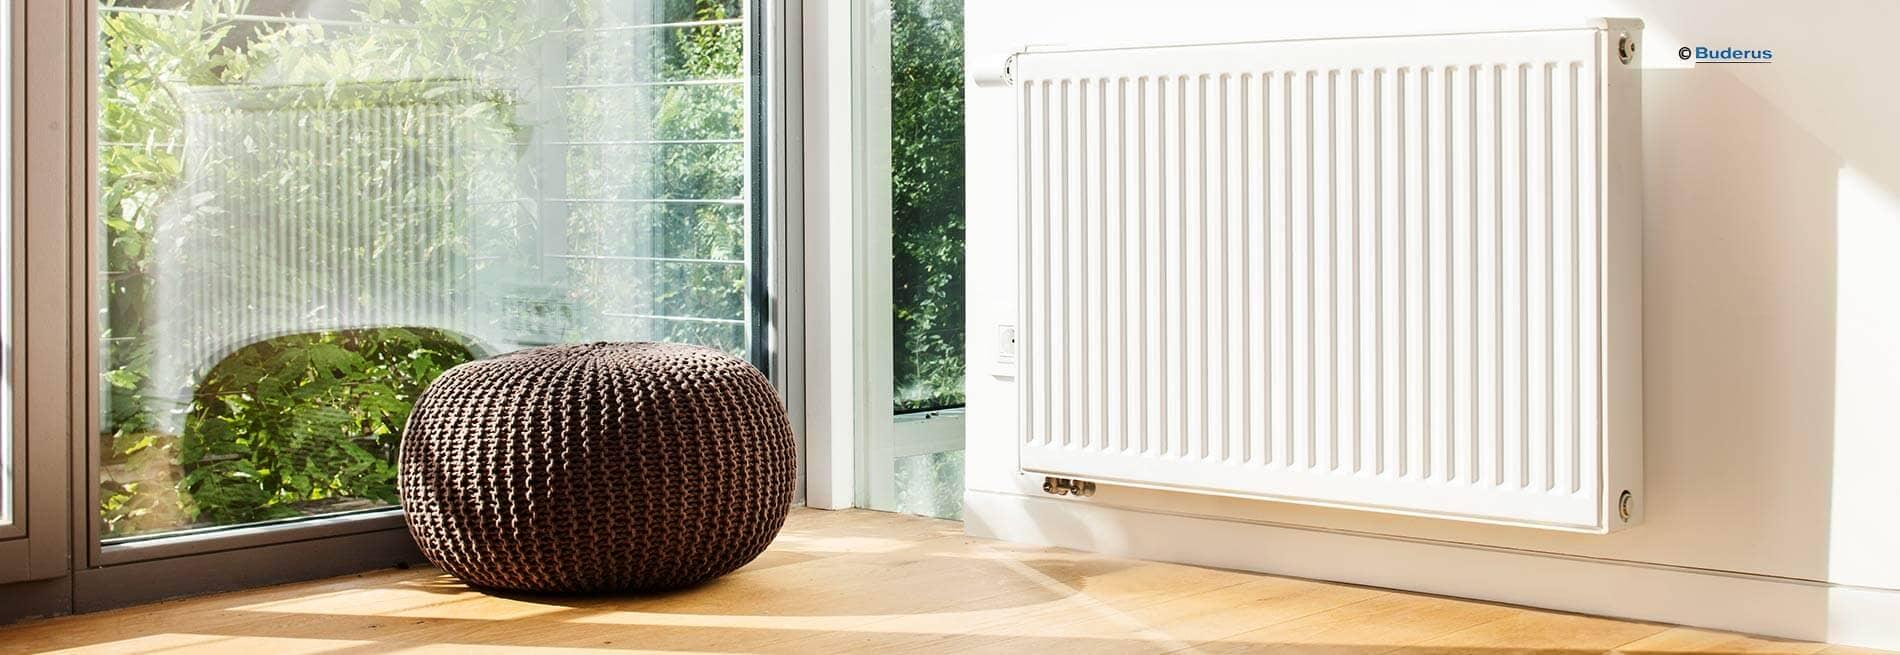 gt haustechnik ihr partner f r heizung sanit r und energie. Black Bedroom Furniture Sets. Home Design Ideas